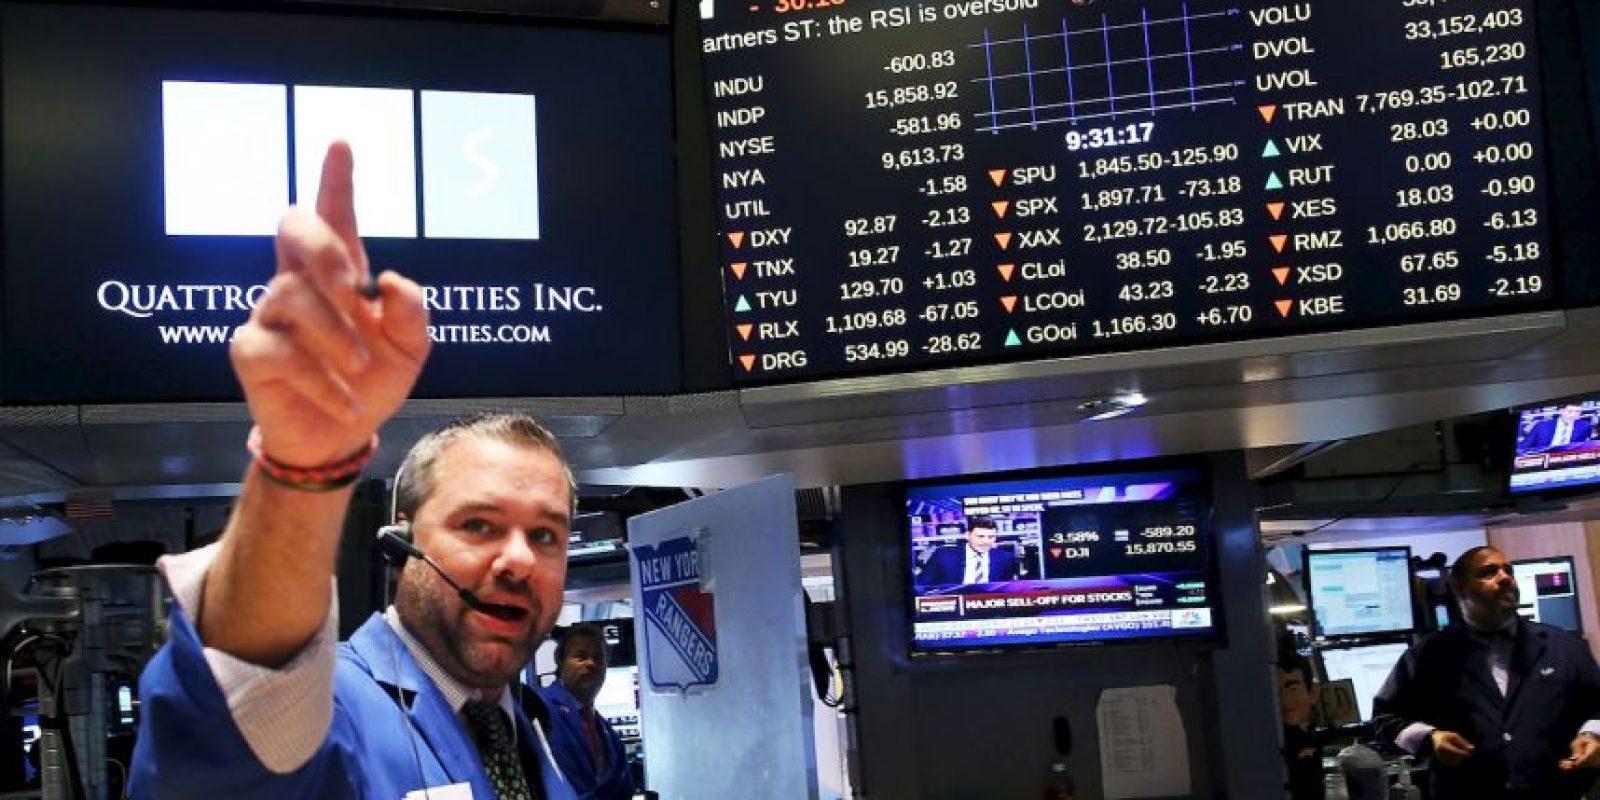 Los inversores también temen que la Reserva Federal retire estímulos en Estados Unidos. Así, abandonaría las políticas fiscales con las que respondió a su crisis financiera Foto:Getty Images